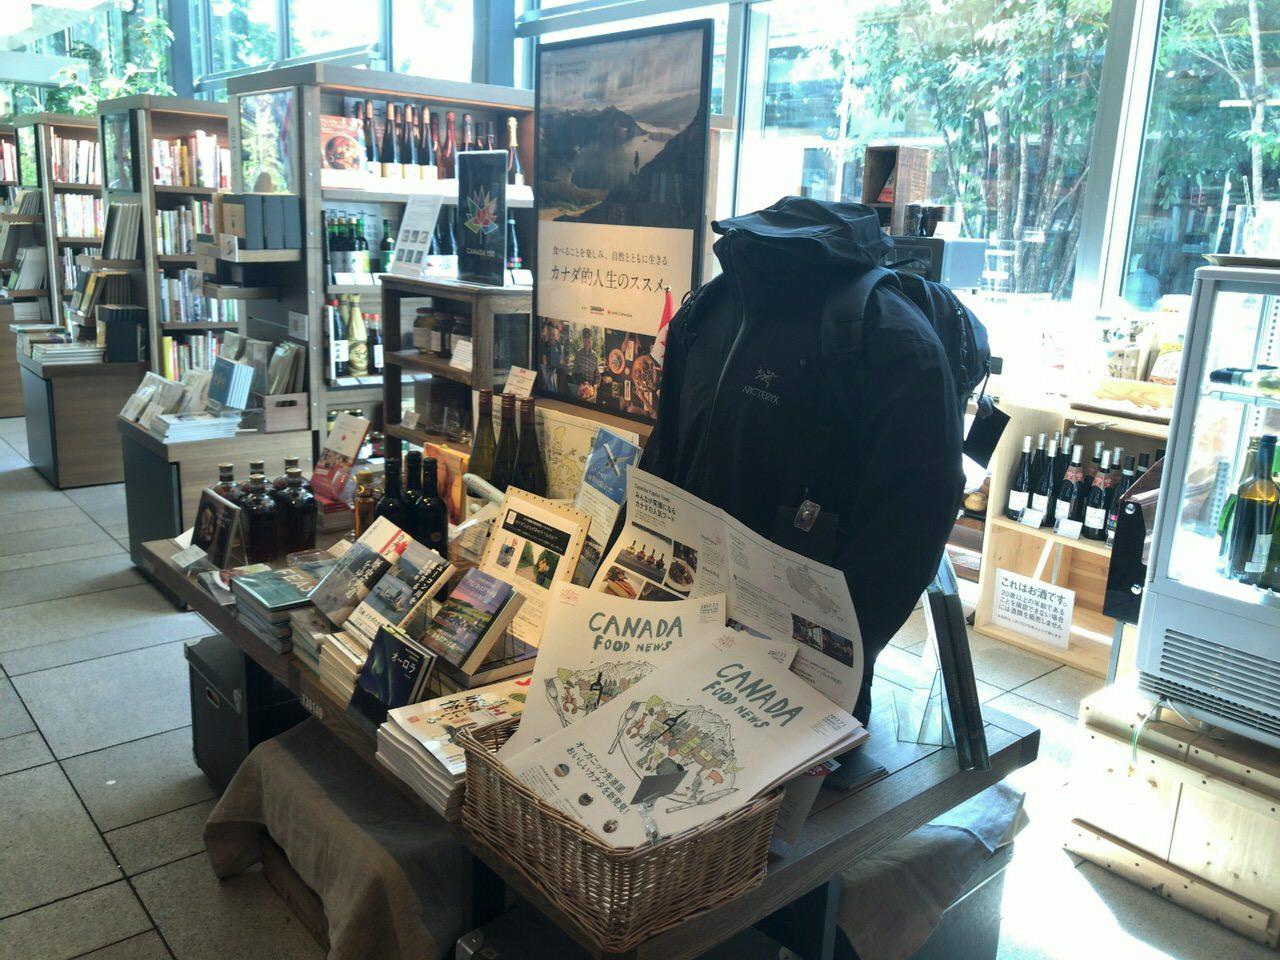 代官山蔦屋書店で開催中の「カナダフェア」に行ってきた!カフェではカナダ食材を使った料理も